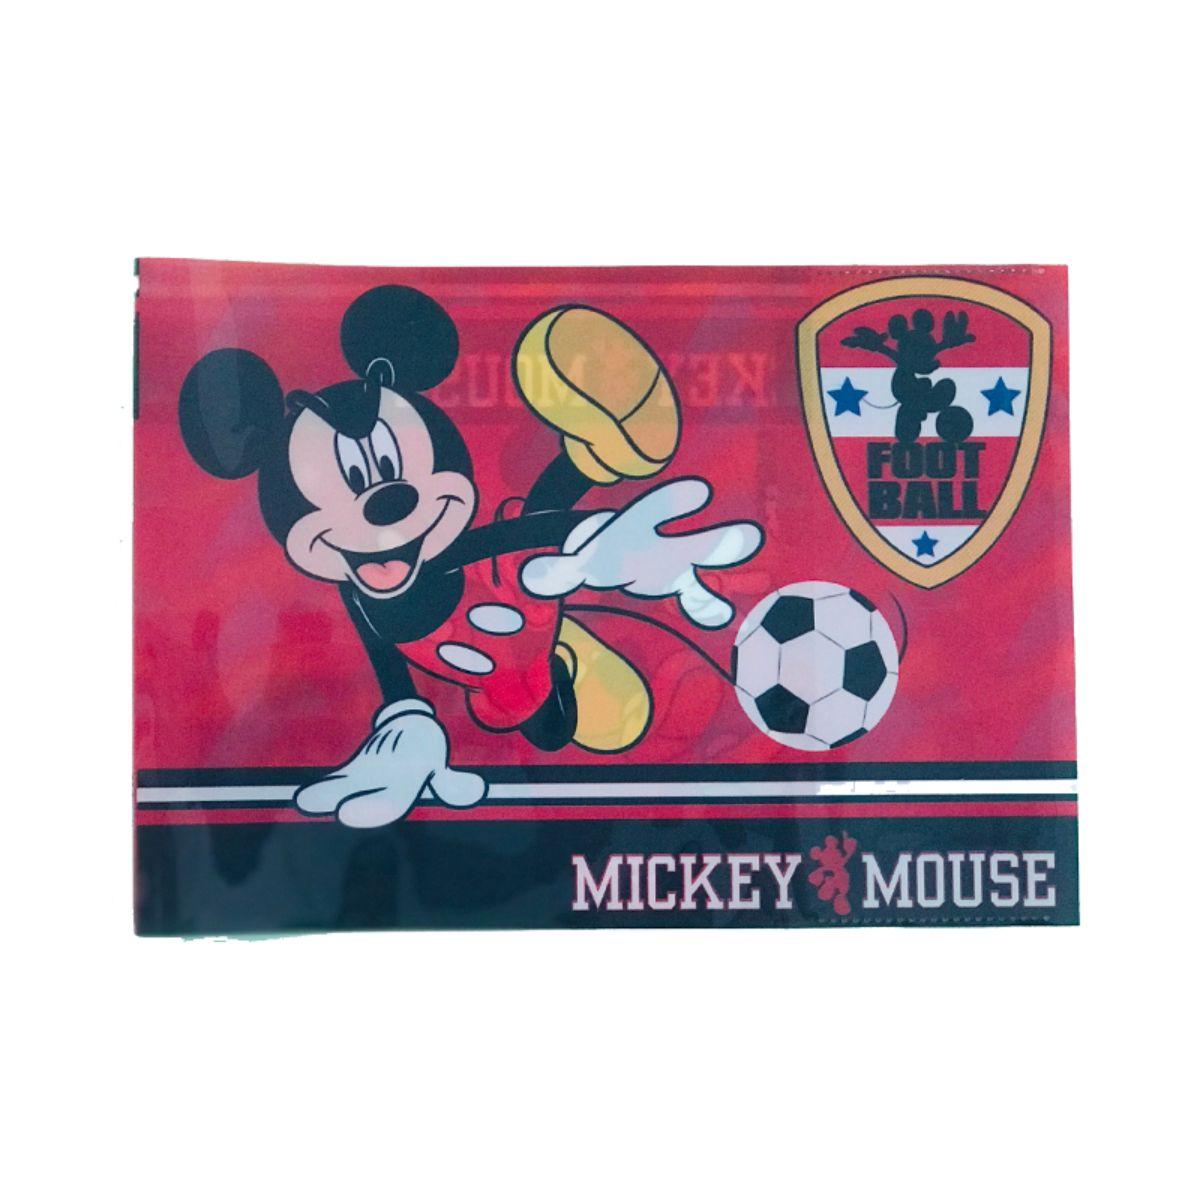 Coperta Mickey Mouse pentru caiet de muzica, biologie, geografie